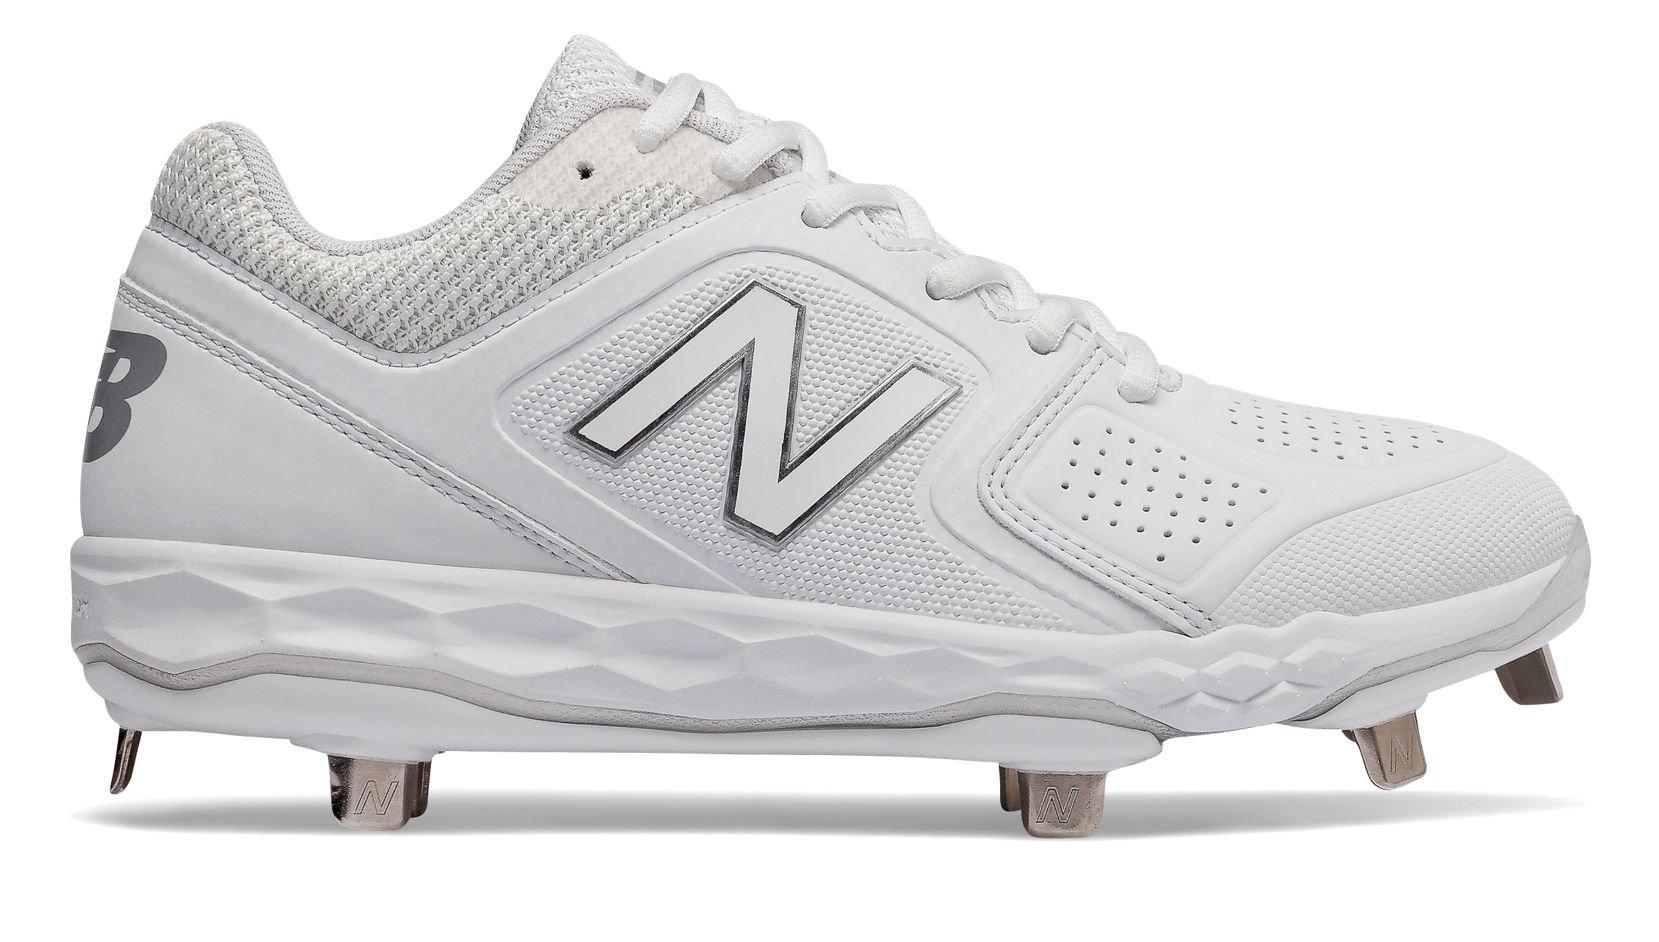 New Balance Women's Velo V1 Metal Softball Shoe, White/White, 9 D US